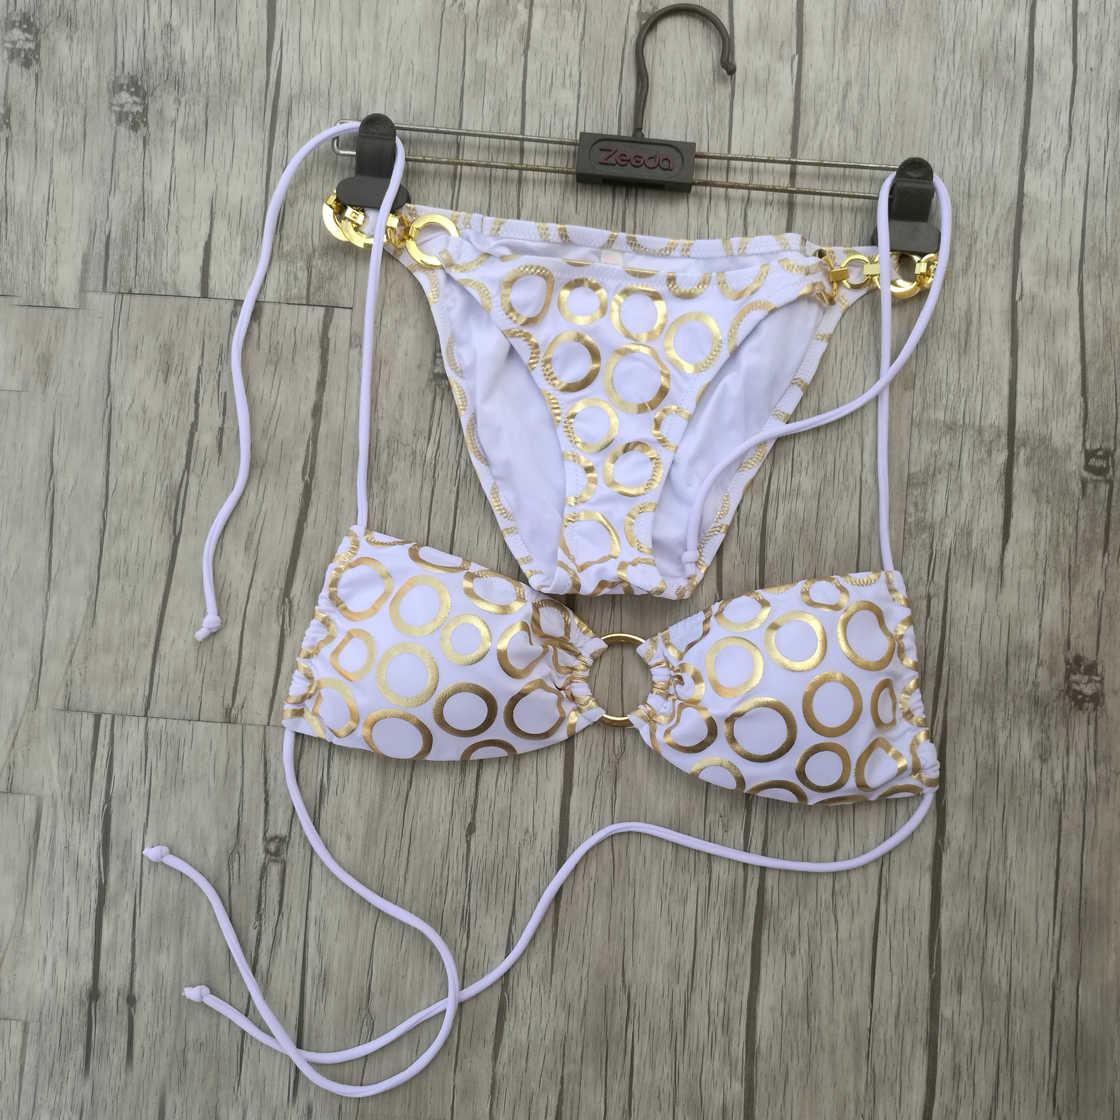 יפה! לבן ביקיני סט לנשים בגדי ים זהב bronzing דפוס מתכת מעגל תכשיטי בגד ים סקסי סוד ברזילאי ביקיני